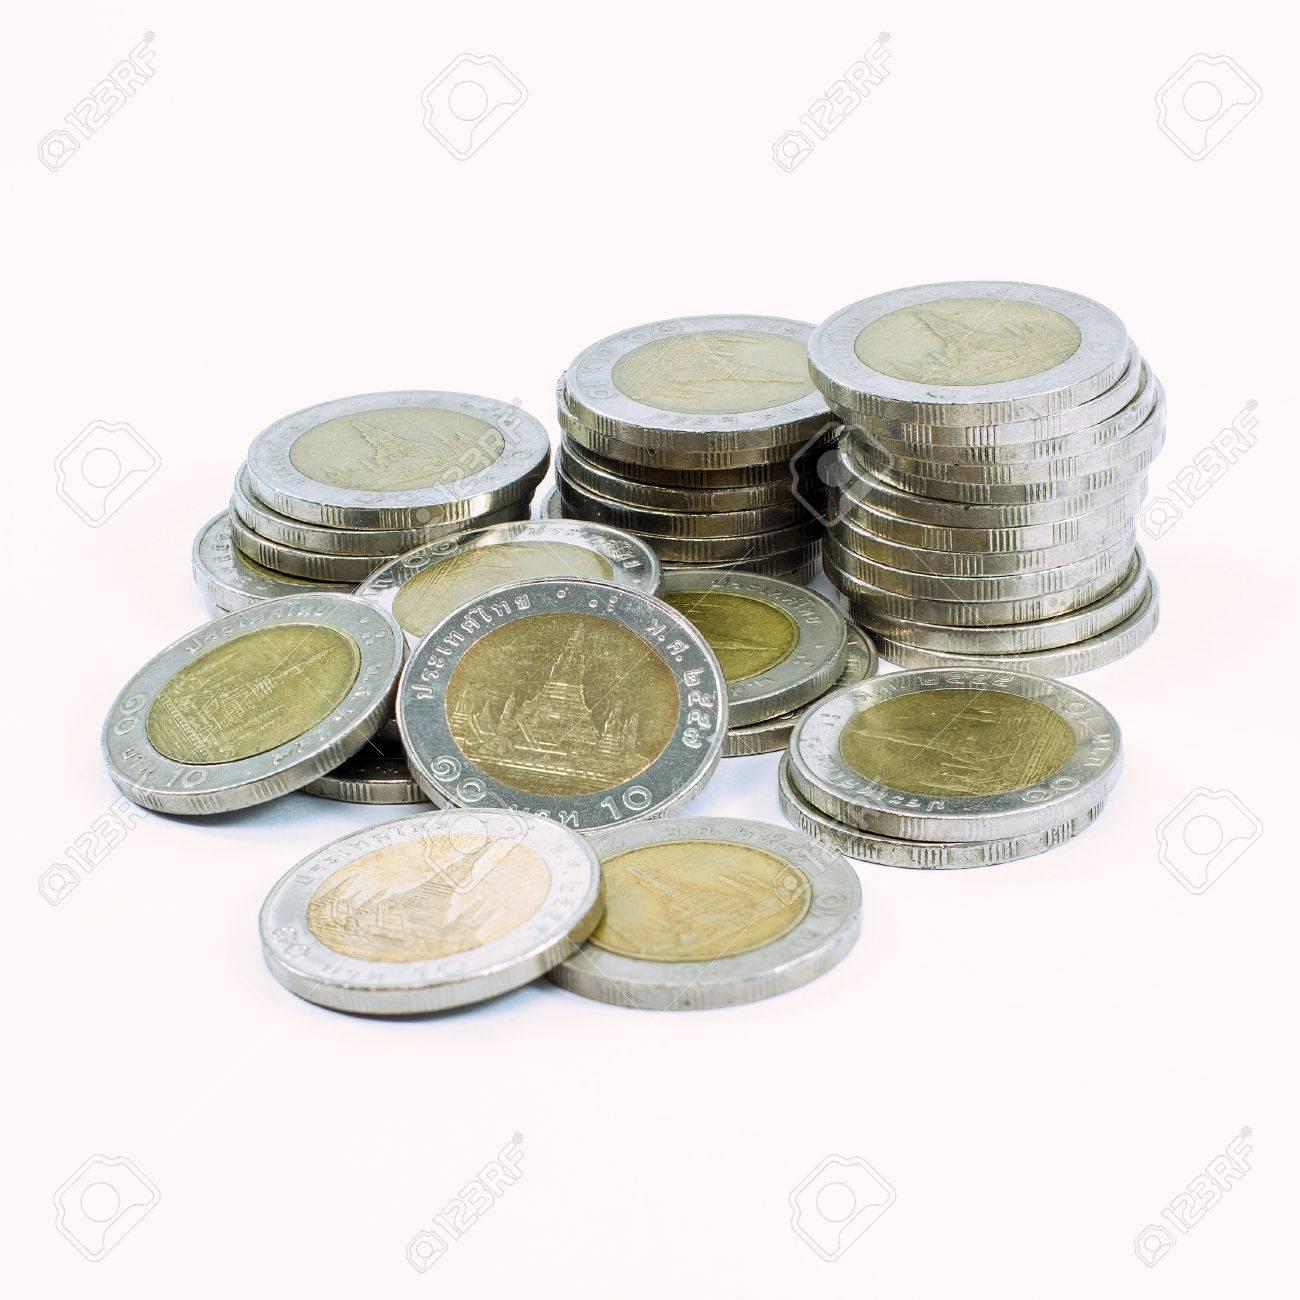 Thai 10 Baht Münzen Isoliert Auf Weißem Hintergrund Lizenzfreie